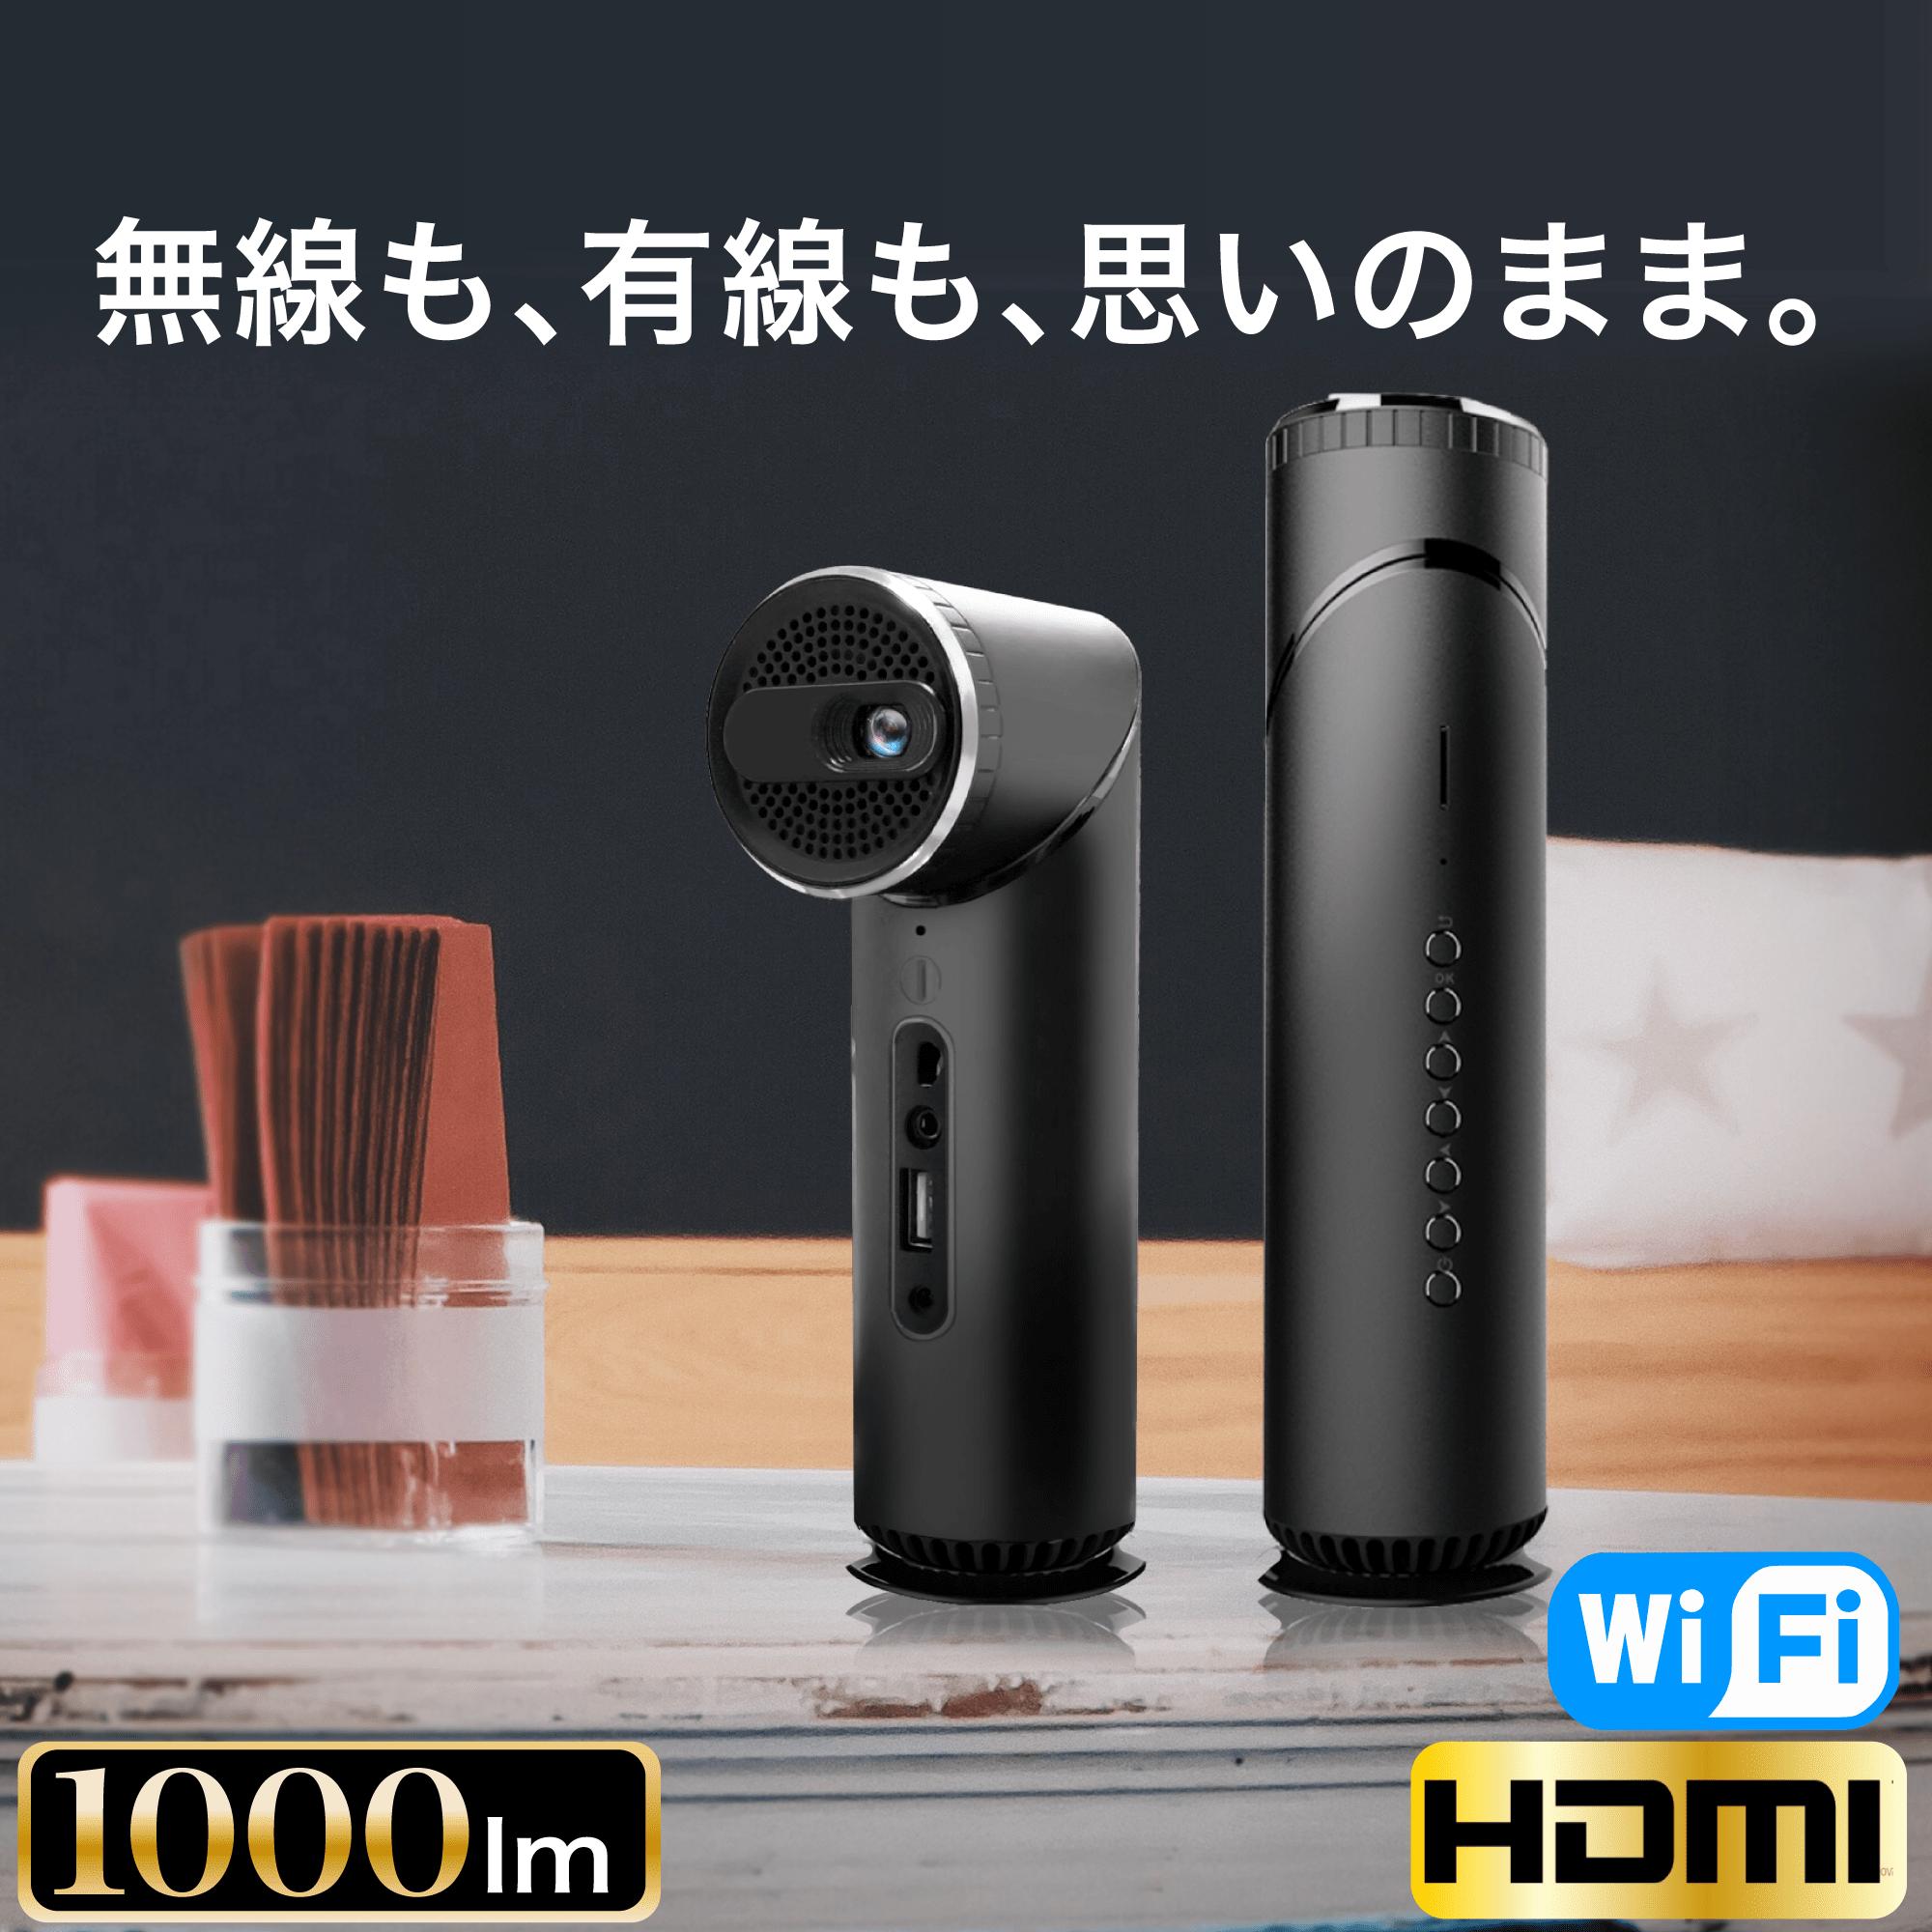 【送料無料 あす楽】 FunLogy モバイルプロジェクター X-03 | プロジェクター プロジェクタ 小型プロジェクター モバイル スマホ 1000 ルーメン 最新 HDMI 対応 高画質 DLP iphone アイフォン iOS11 軽量 コンパクト USB ホームシアター